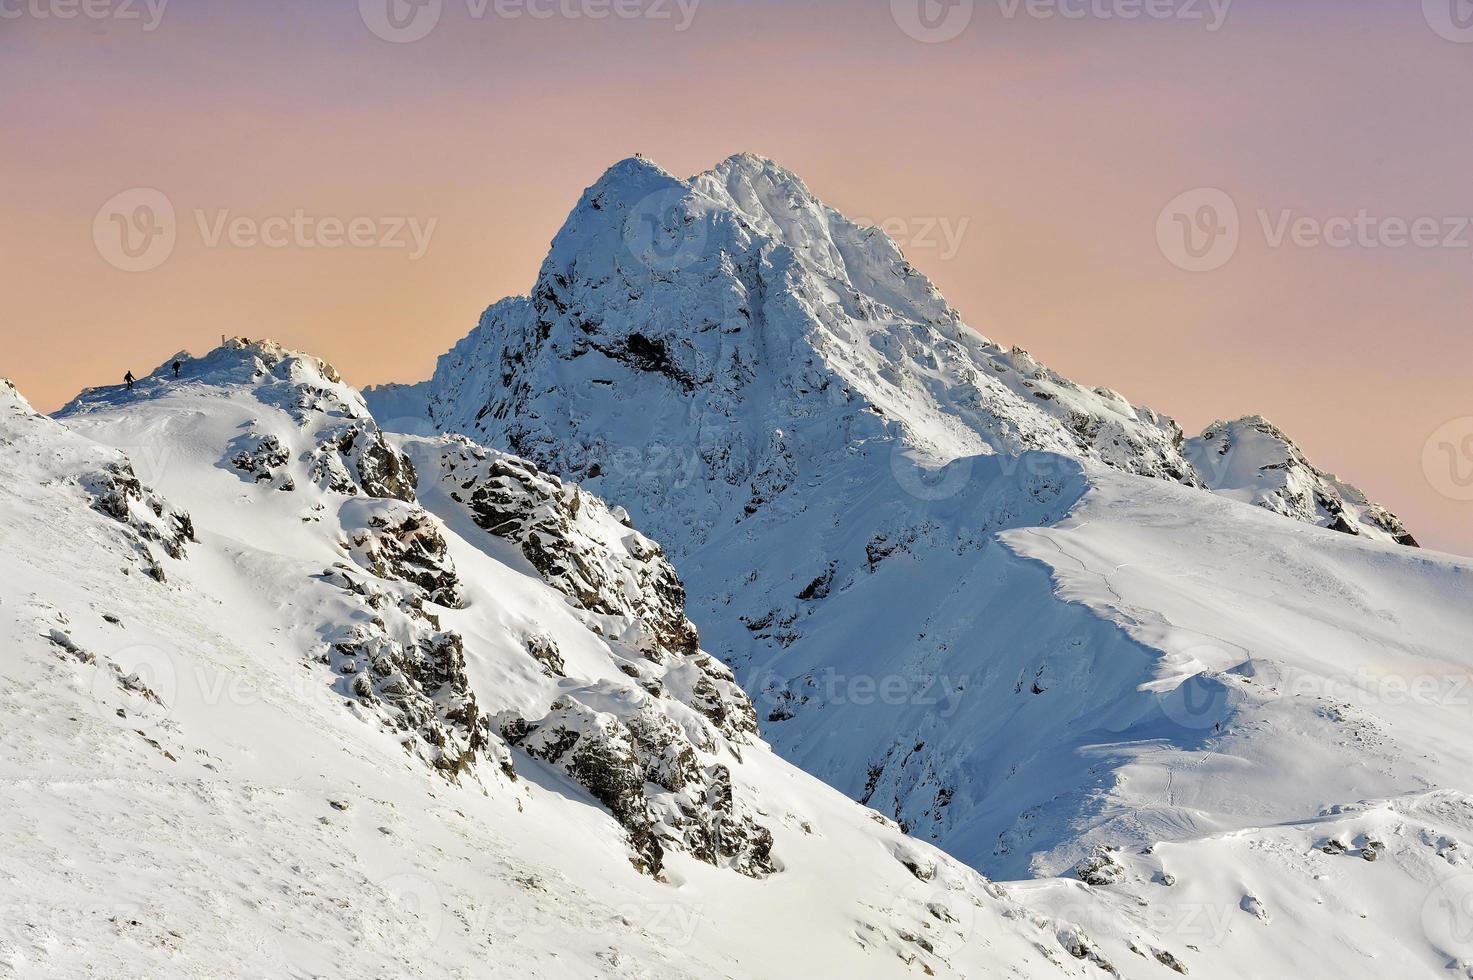 Berge mit Schnee im Winter, foto